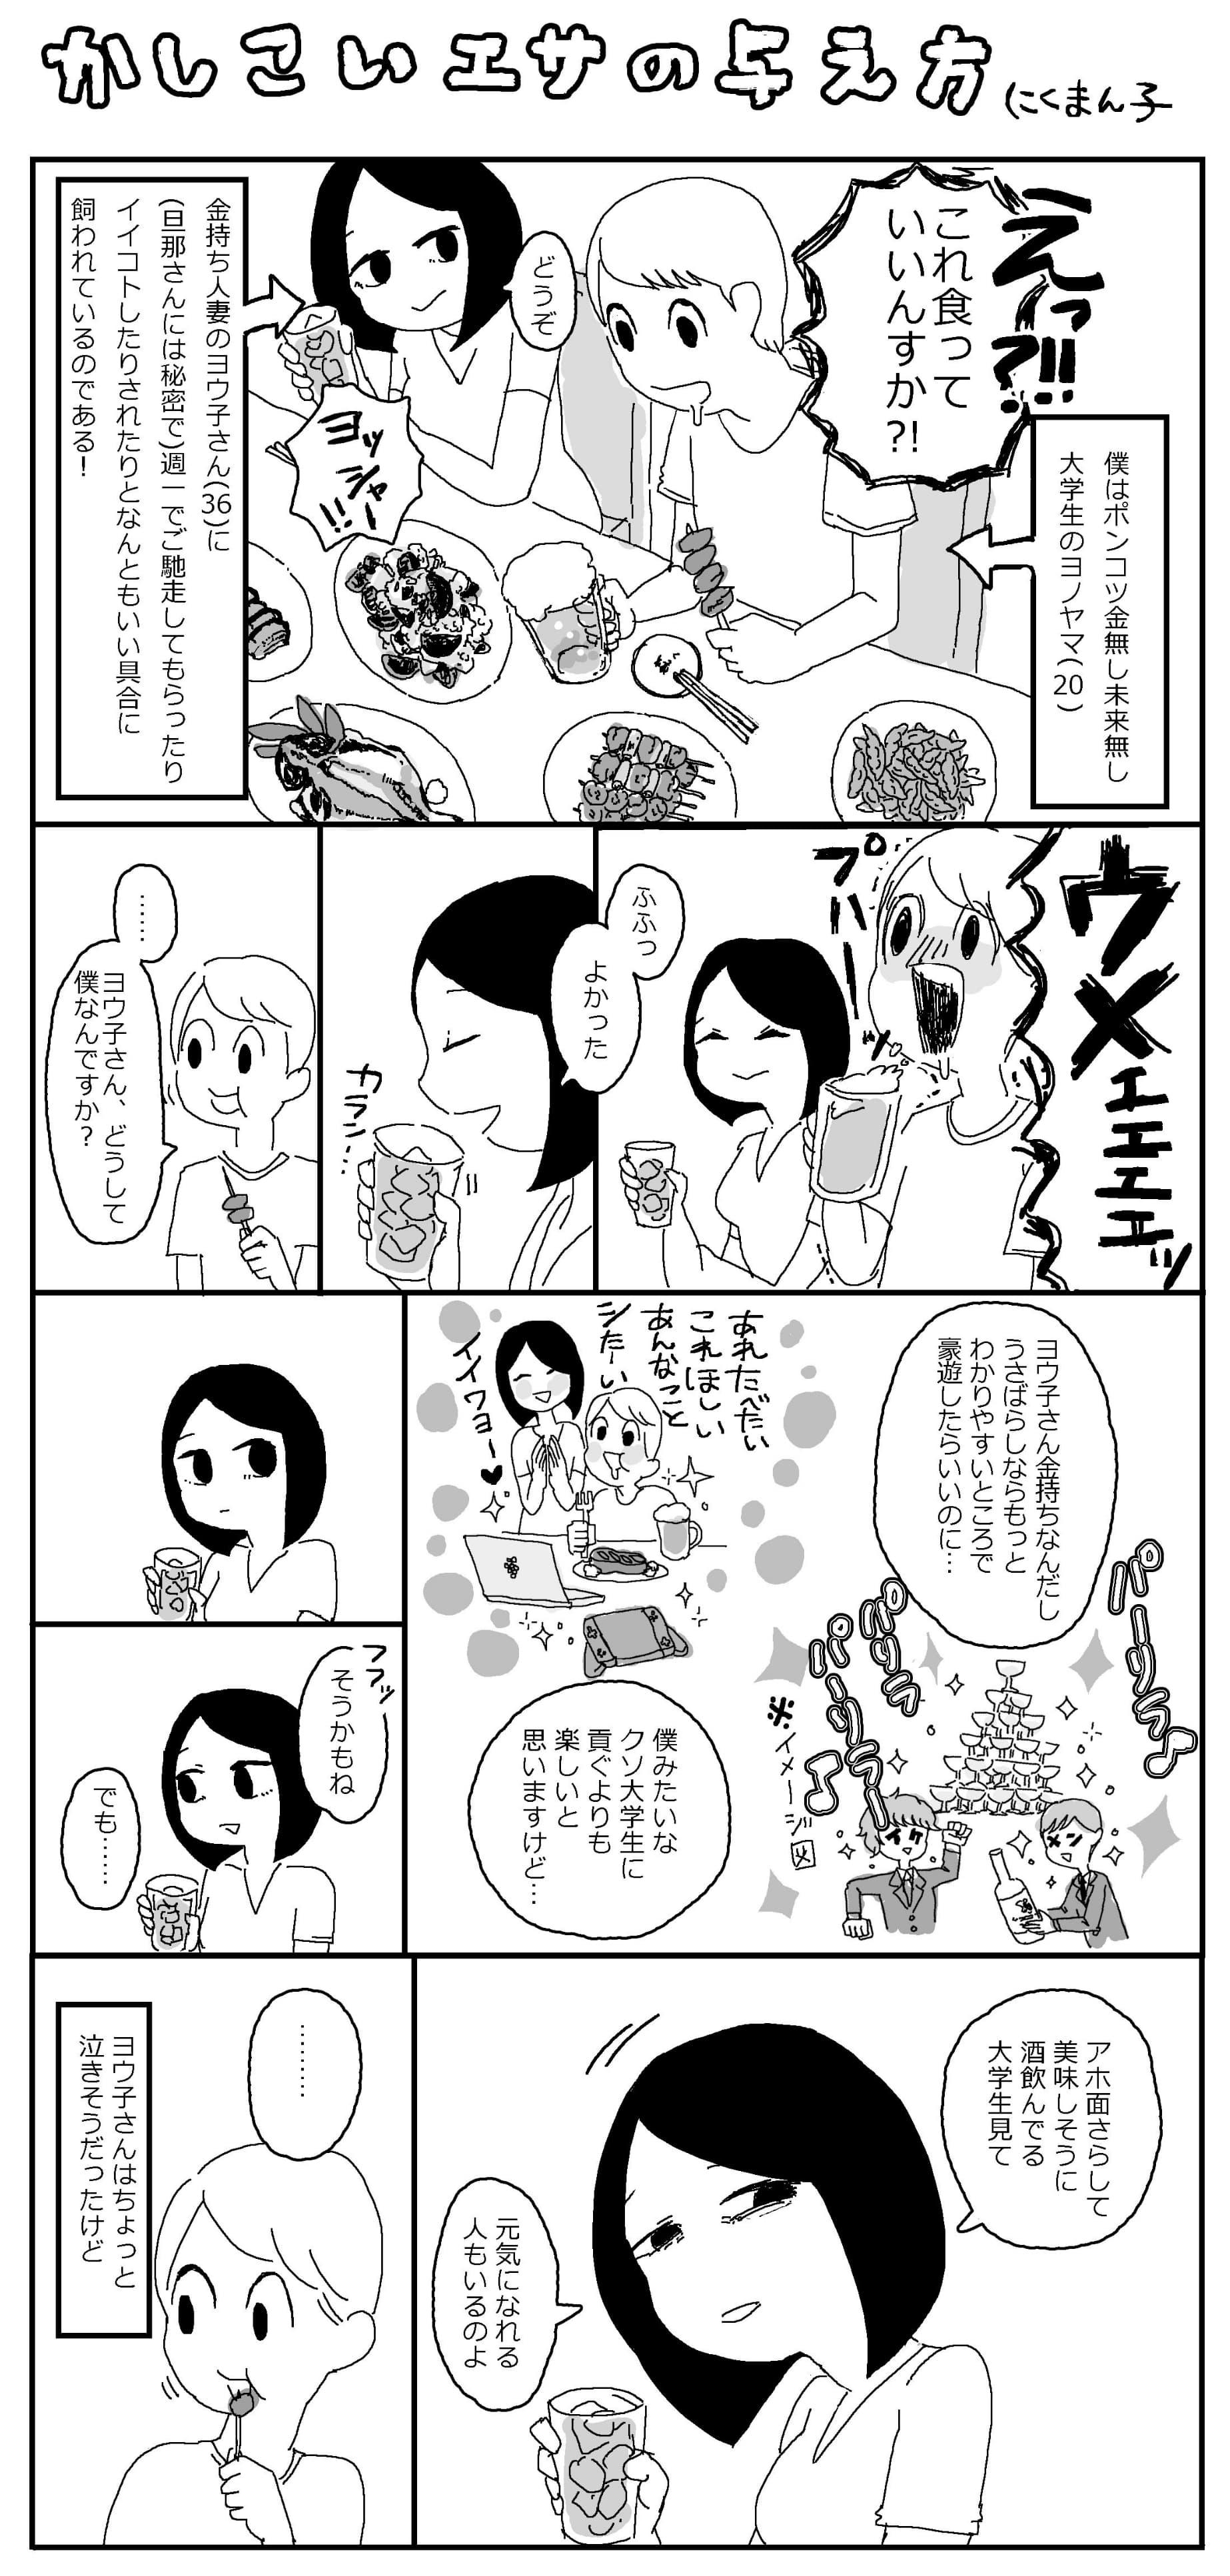 にくまん子漫画「かしこいエサの与え方」①